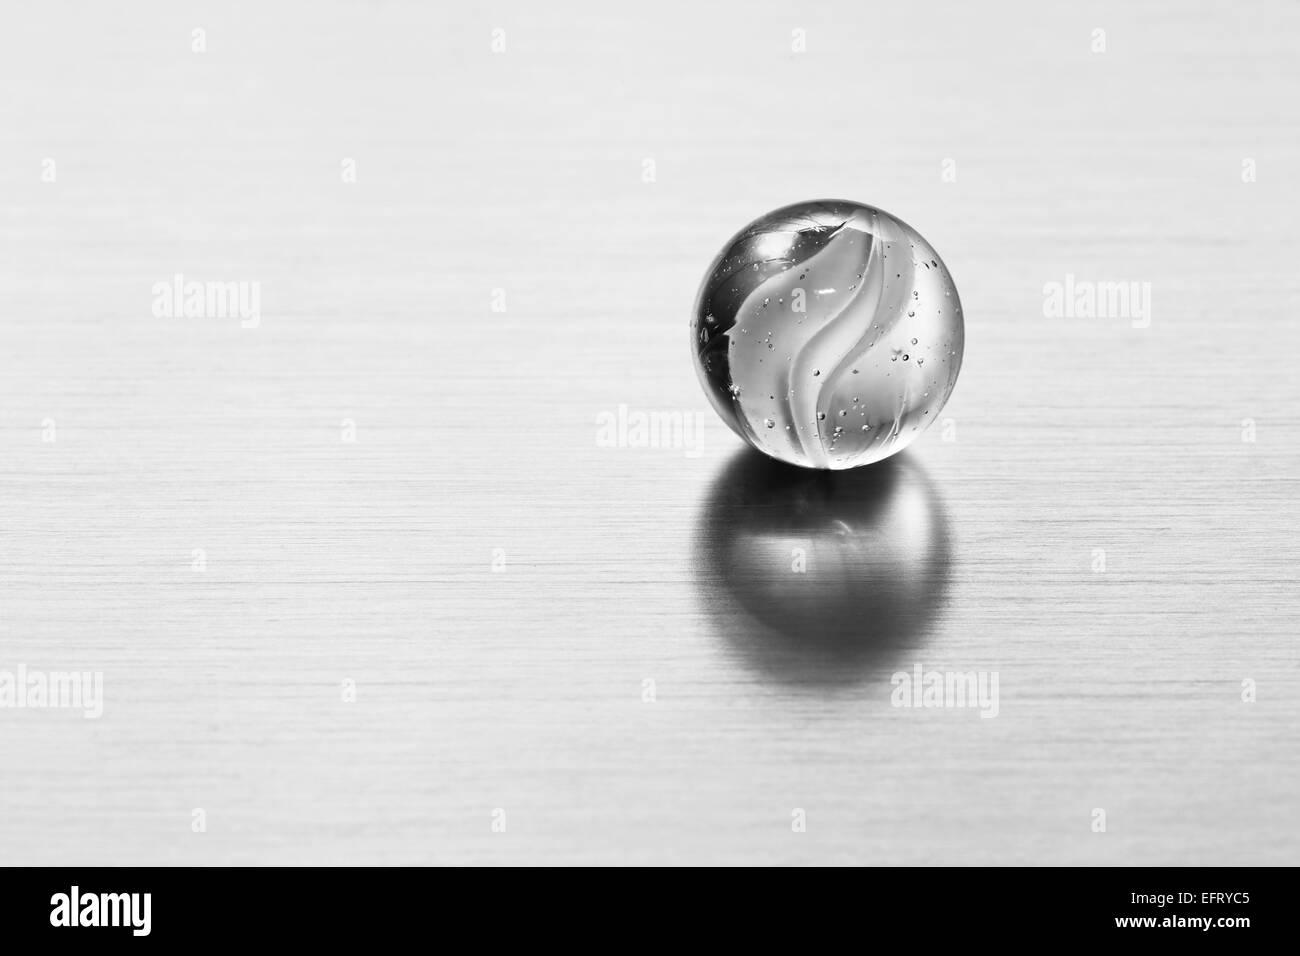 Bola de cristal transparente sobre la superficie metálica. Fondo moderno conceptual para sciene, tecnología, Imagen De Stock